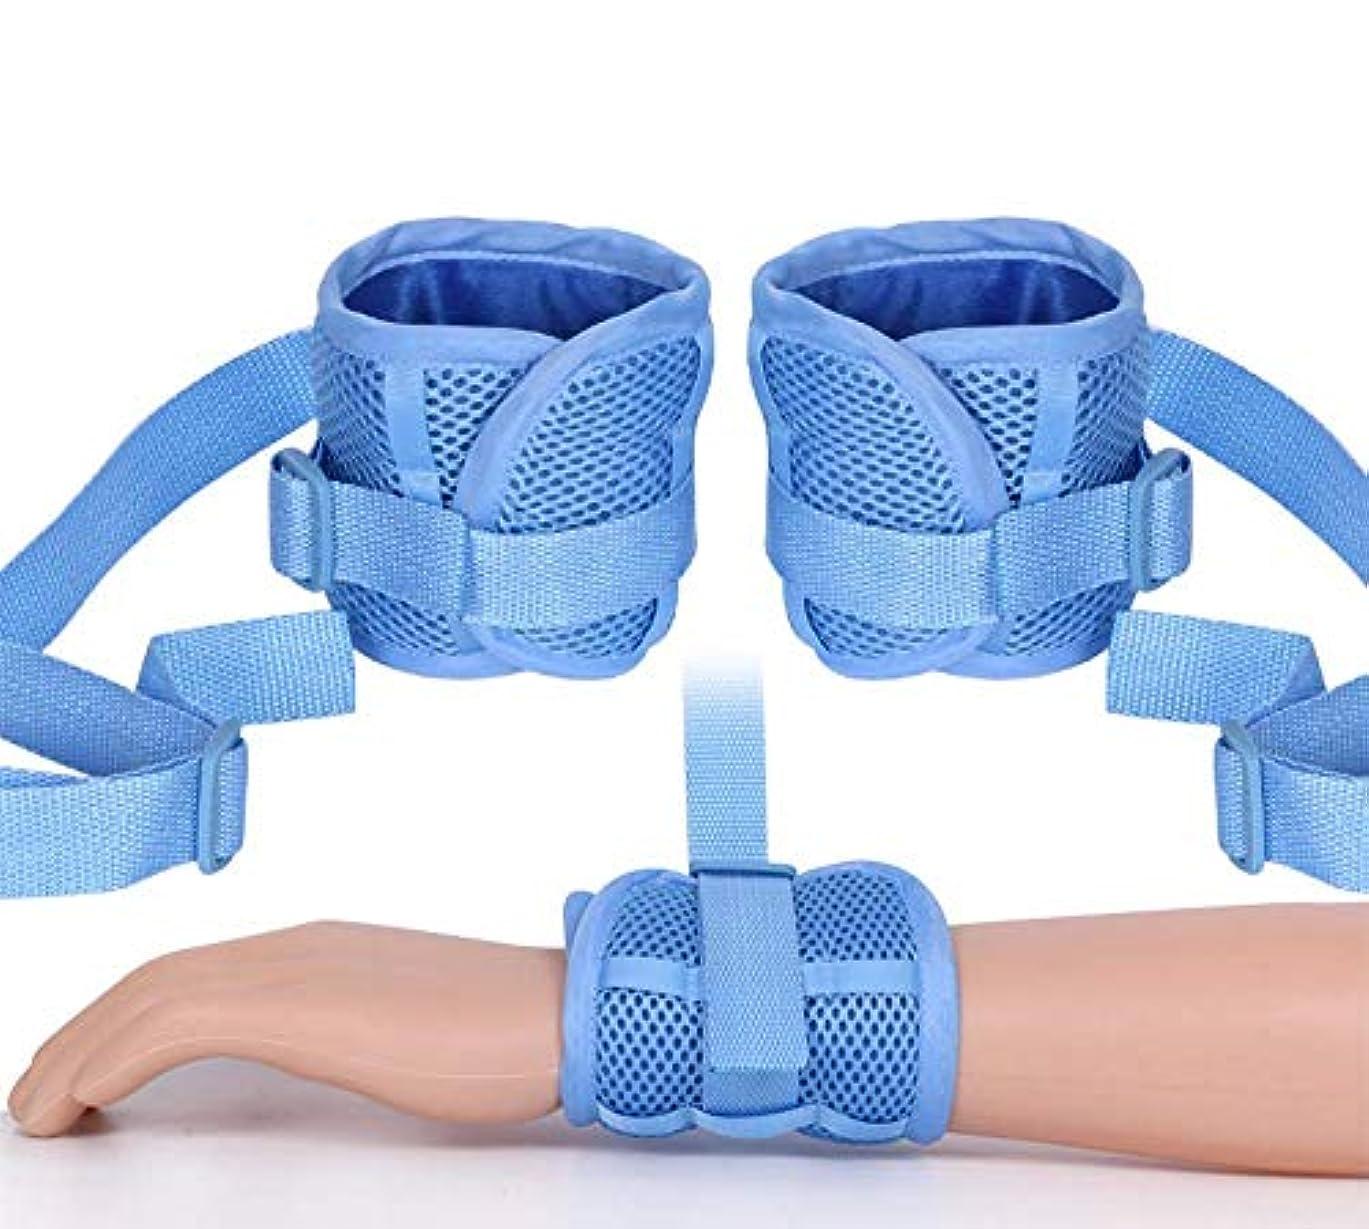 現金朝の体操をする湿原手や足ユーチューブニバーサル制約コントロールクイックリリース(1ペア)のための制御四肢ホルダー医療拘束患者の病院のベッドの四肢ホルダー